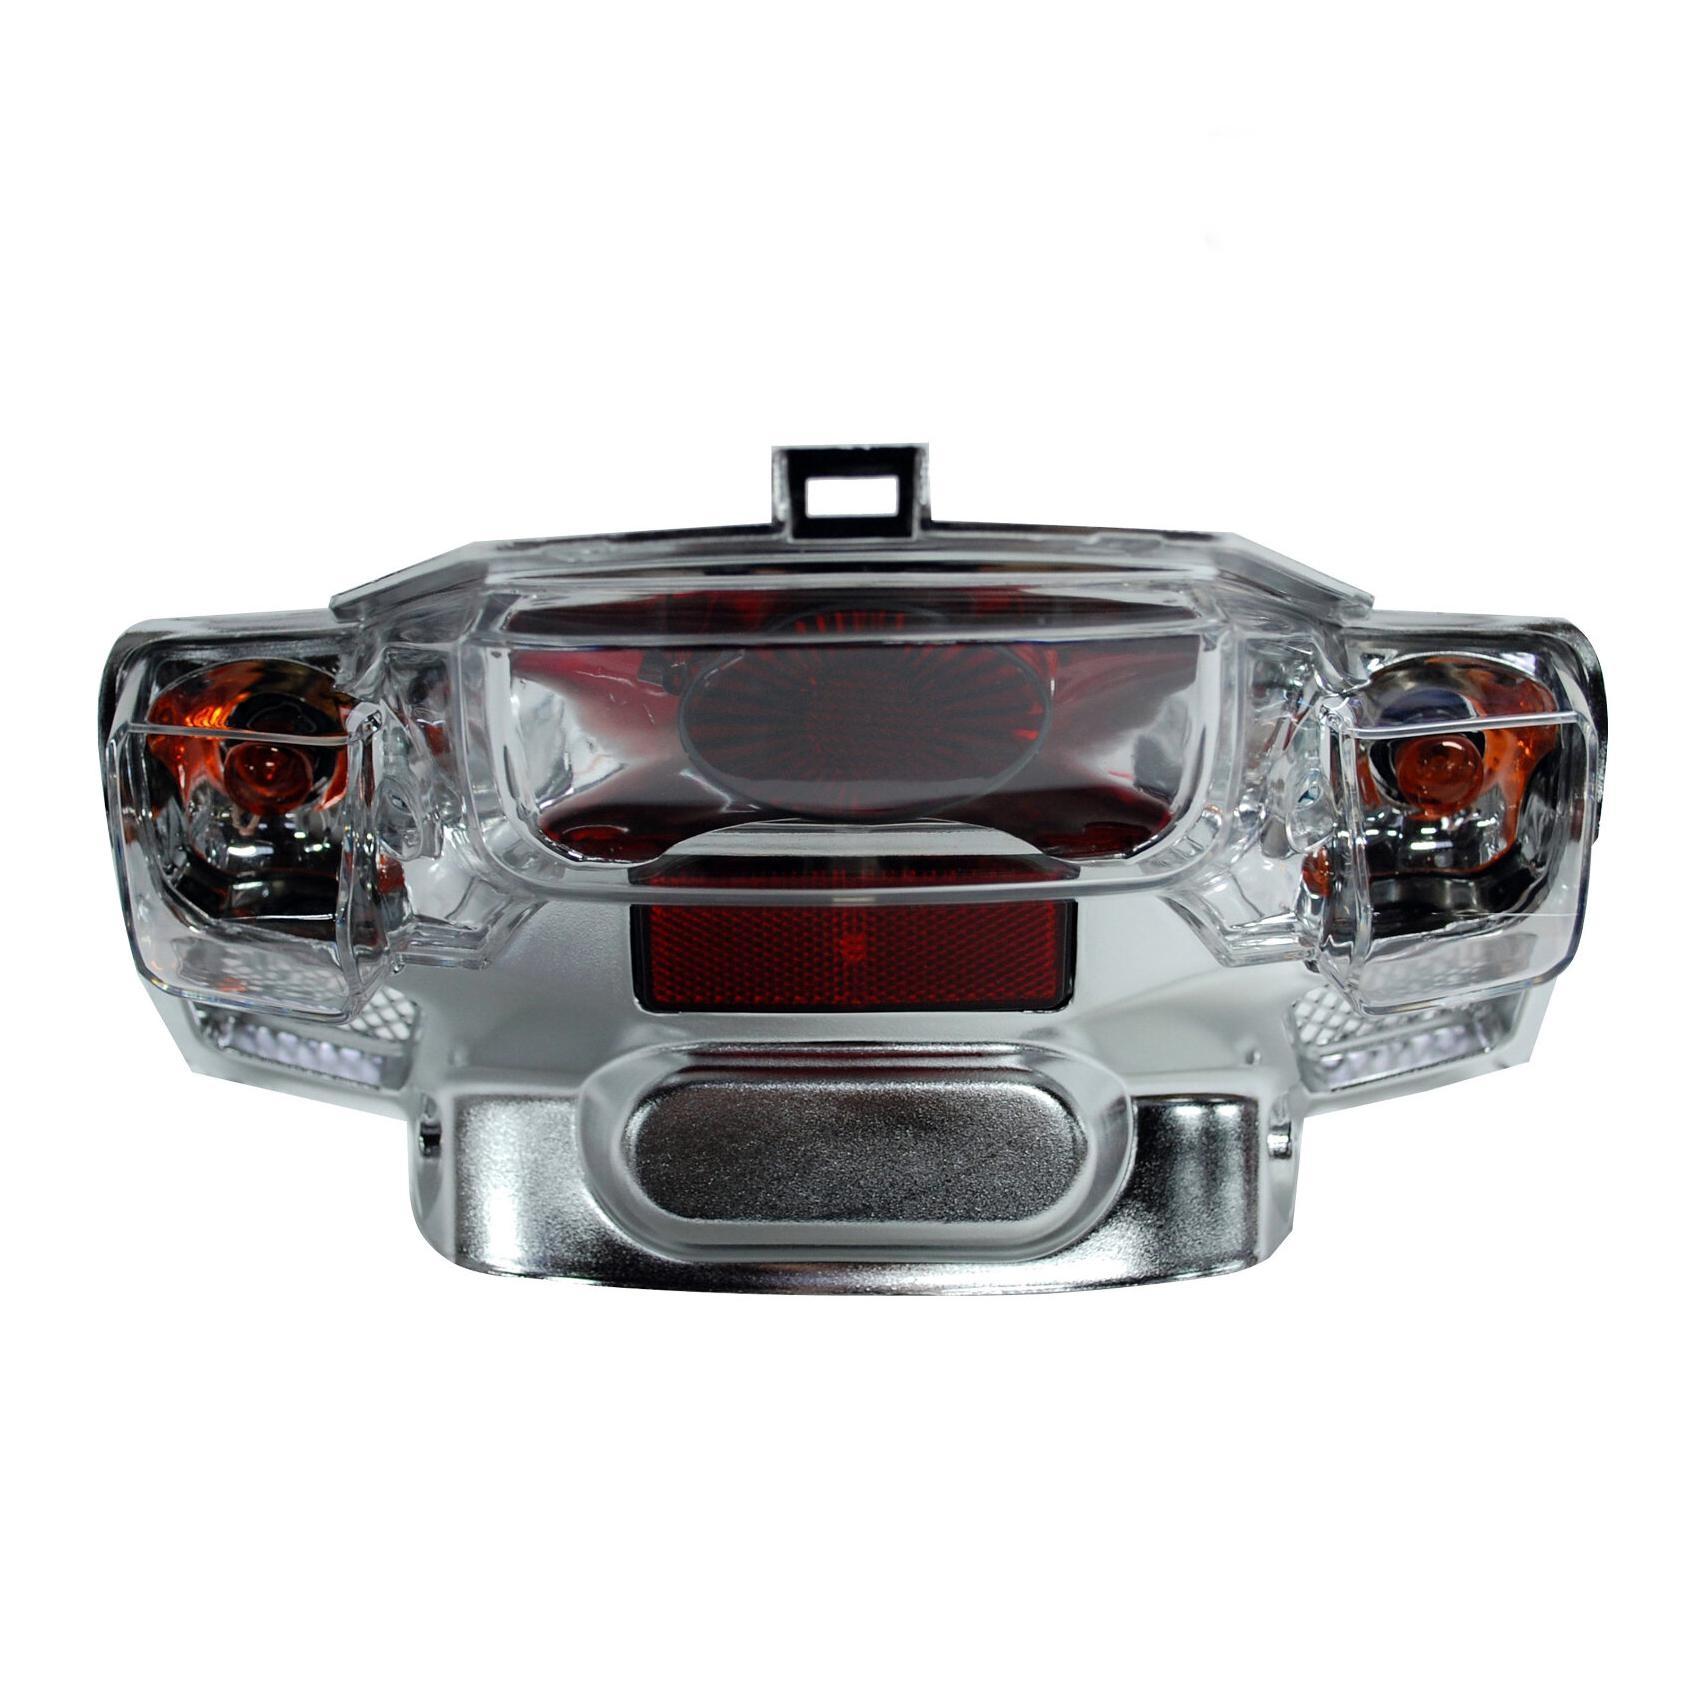 Feu arrière complet type Lexus Booster Next / Rocket - Lexus